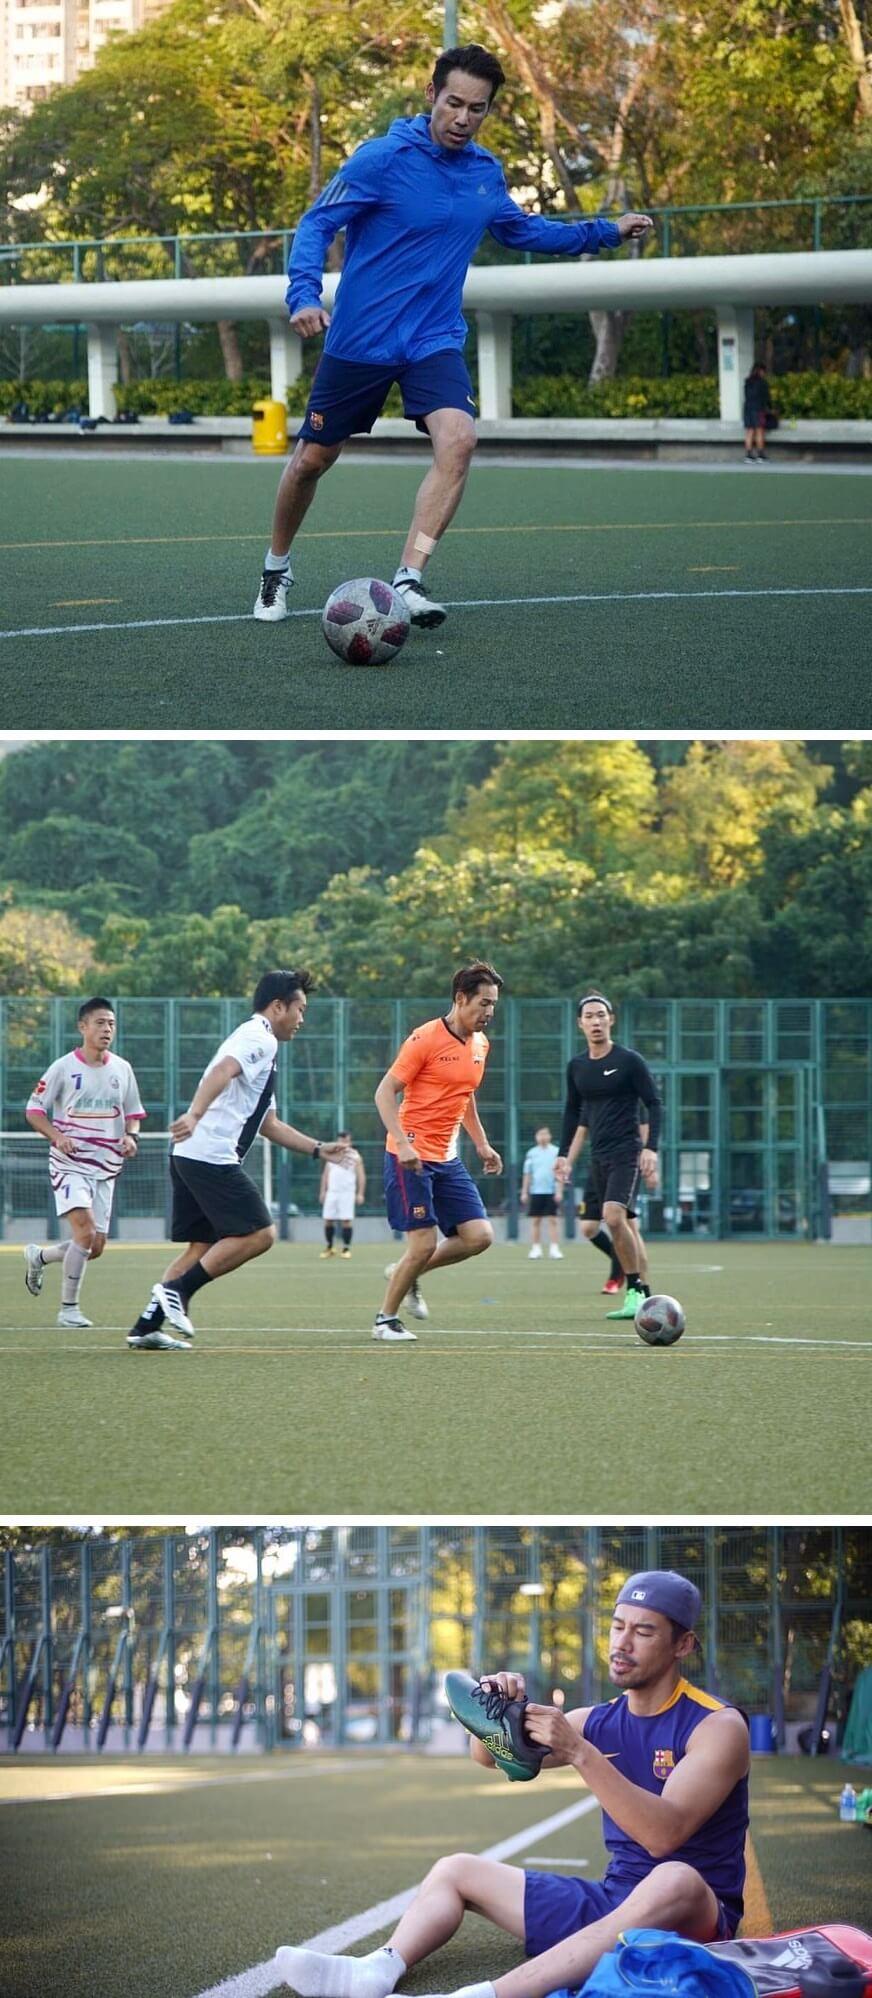 徐榮的朋友留言建議他父子一起落場踢,更相約球場重開一起踢友誼波。